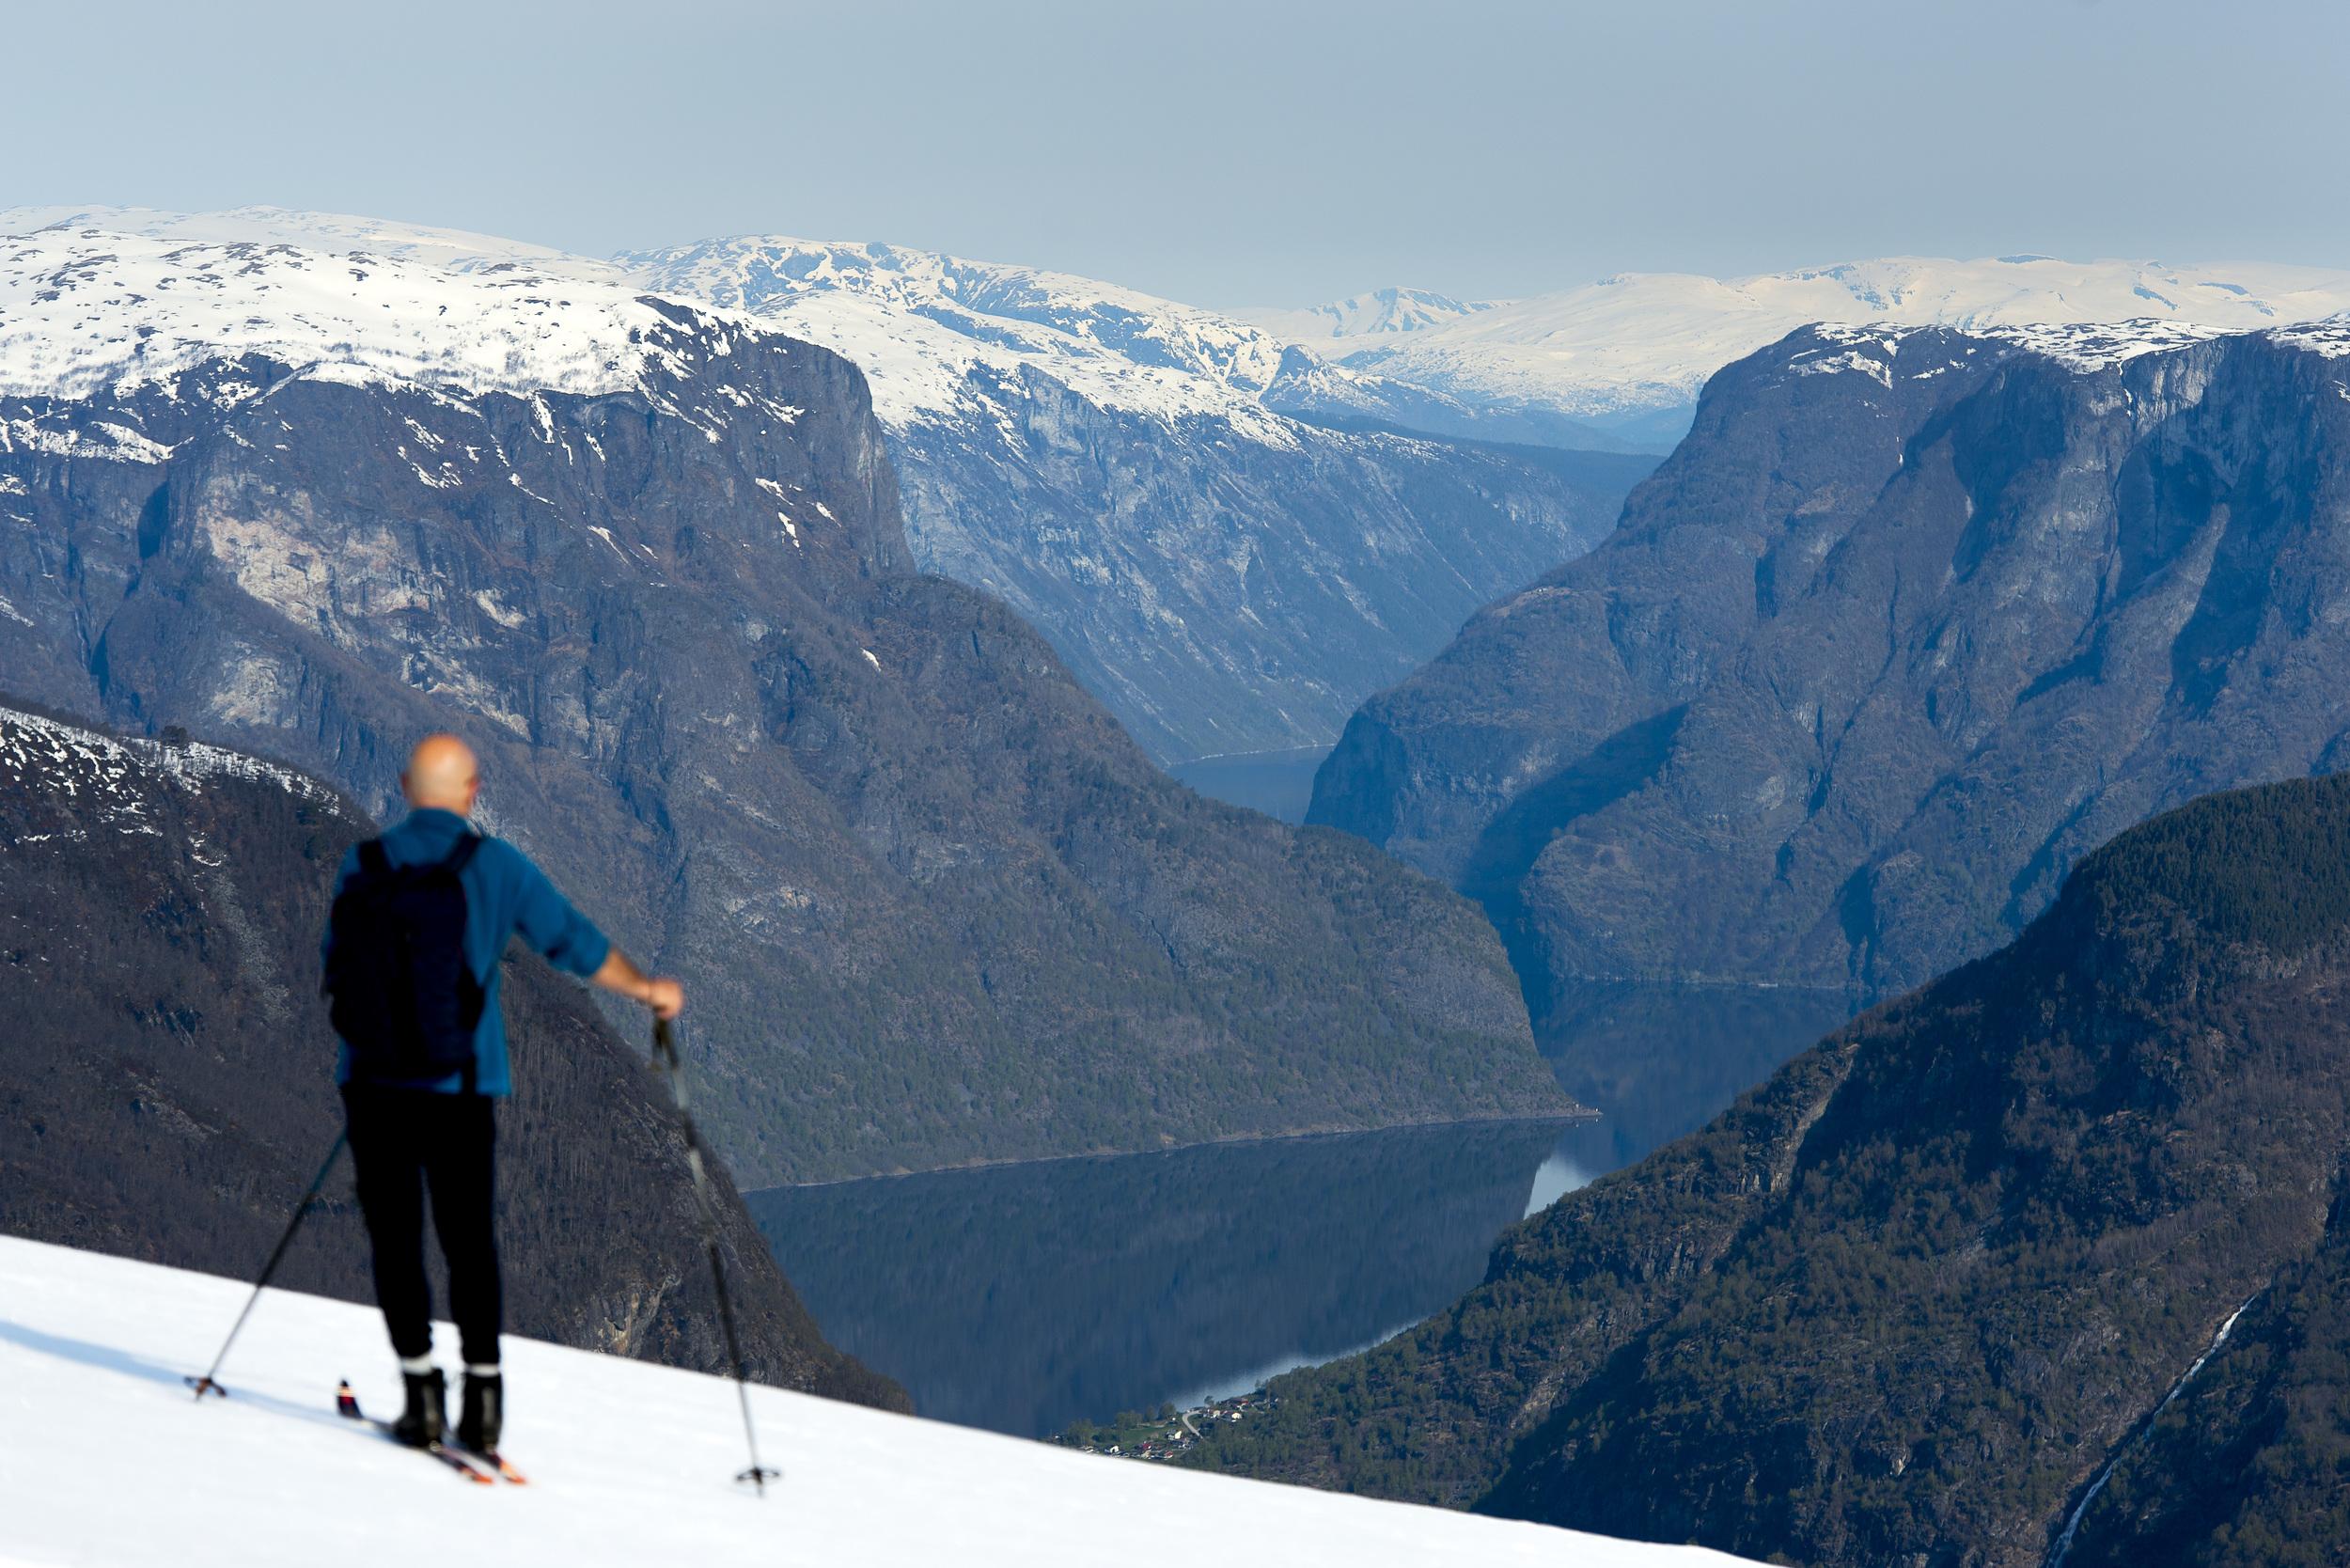 fjord_skiing2.jpg